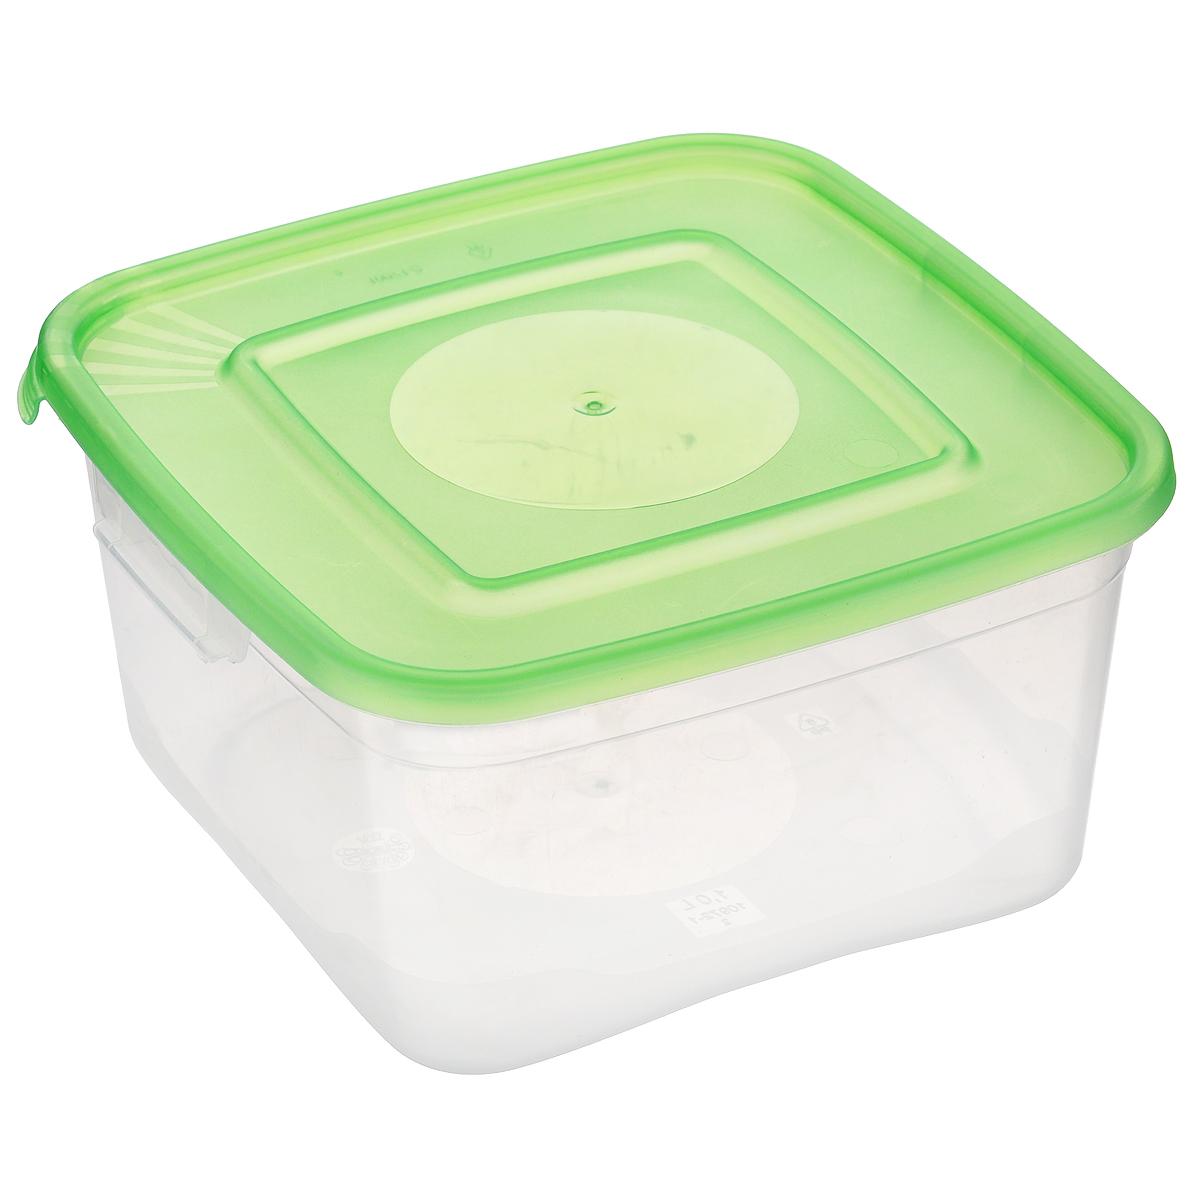 Контейнер Полимербыт Каскад, цвет: прозрачный, салатовый, 1 лС670 салатовыйКонтейнер Полимербыт Каскад квадратной формы, изготовленный из прочного пластика, предназначен специально для хранения пищевых продуктов. Крышка легко открывается и плотно закрывается. Контейнер устойчив к воздействию масел и жиров, легко моется. Прозрачные стенки позволяют видеть содержимое. Контейнер имеет возможность хранения продуктов глубокой заморозки, обладает высокой прочностью. Можно мыть в посудомоечной машине. Подходит для использования в микроволновых печах.